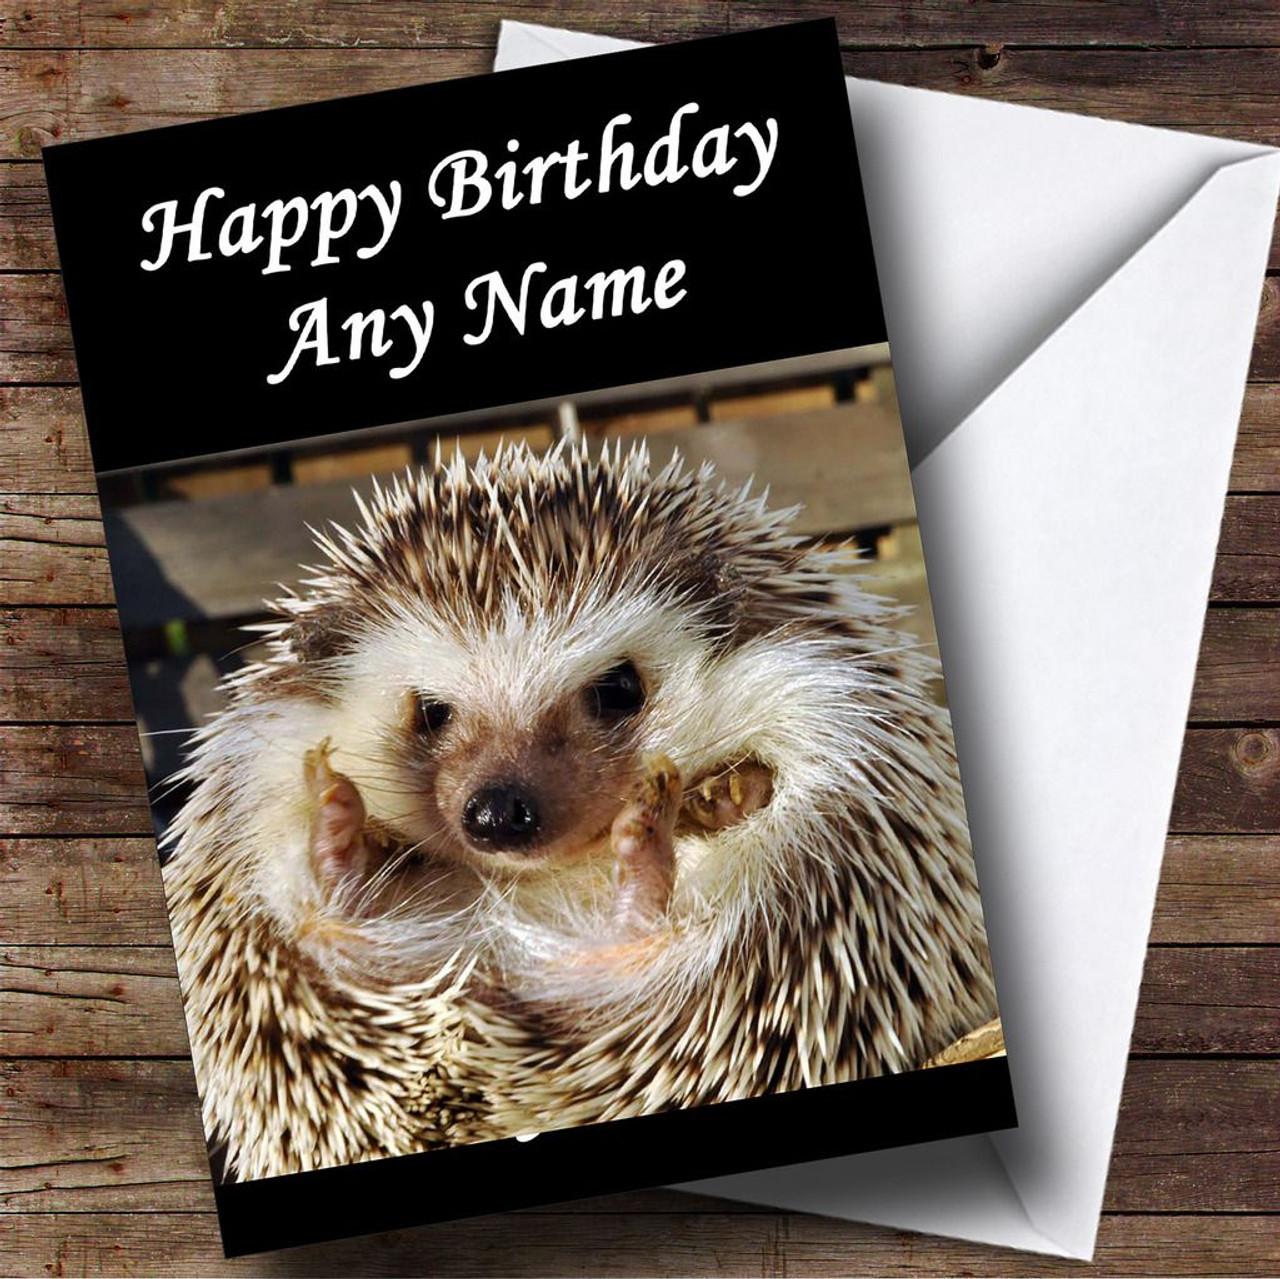 Cute birthday hedgehog